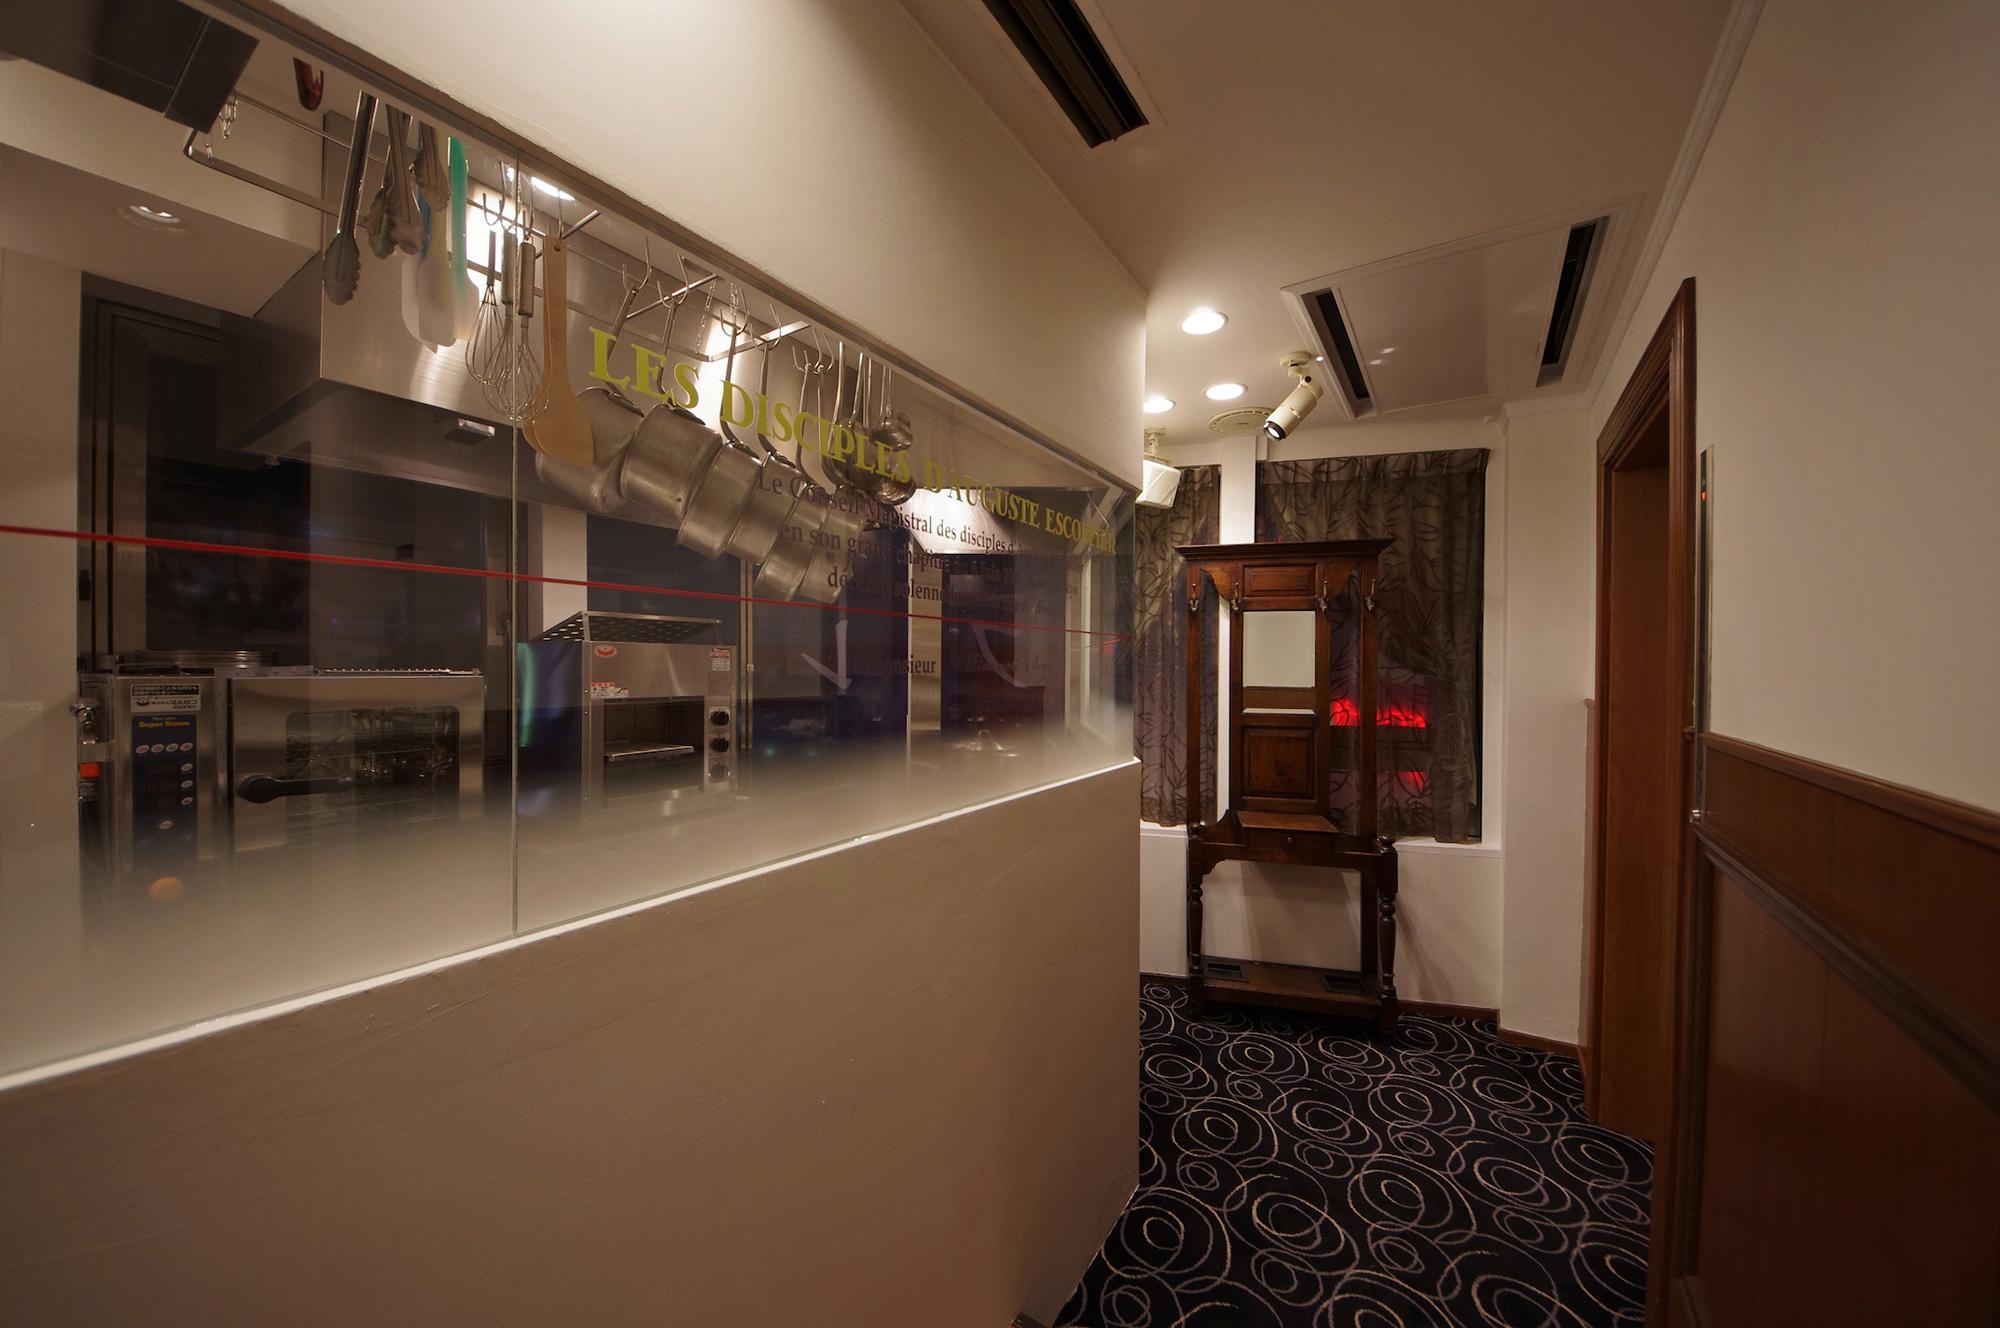 オープンキッチンとエントランス: クラシックな家具と白いモダンな壁が調和しています